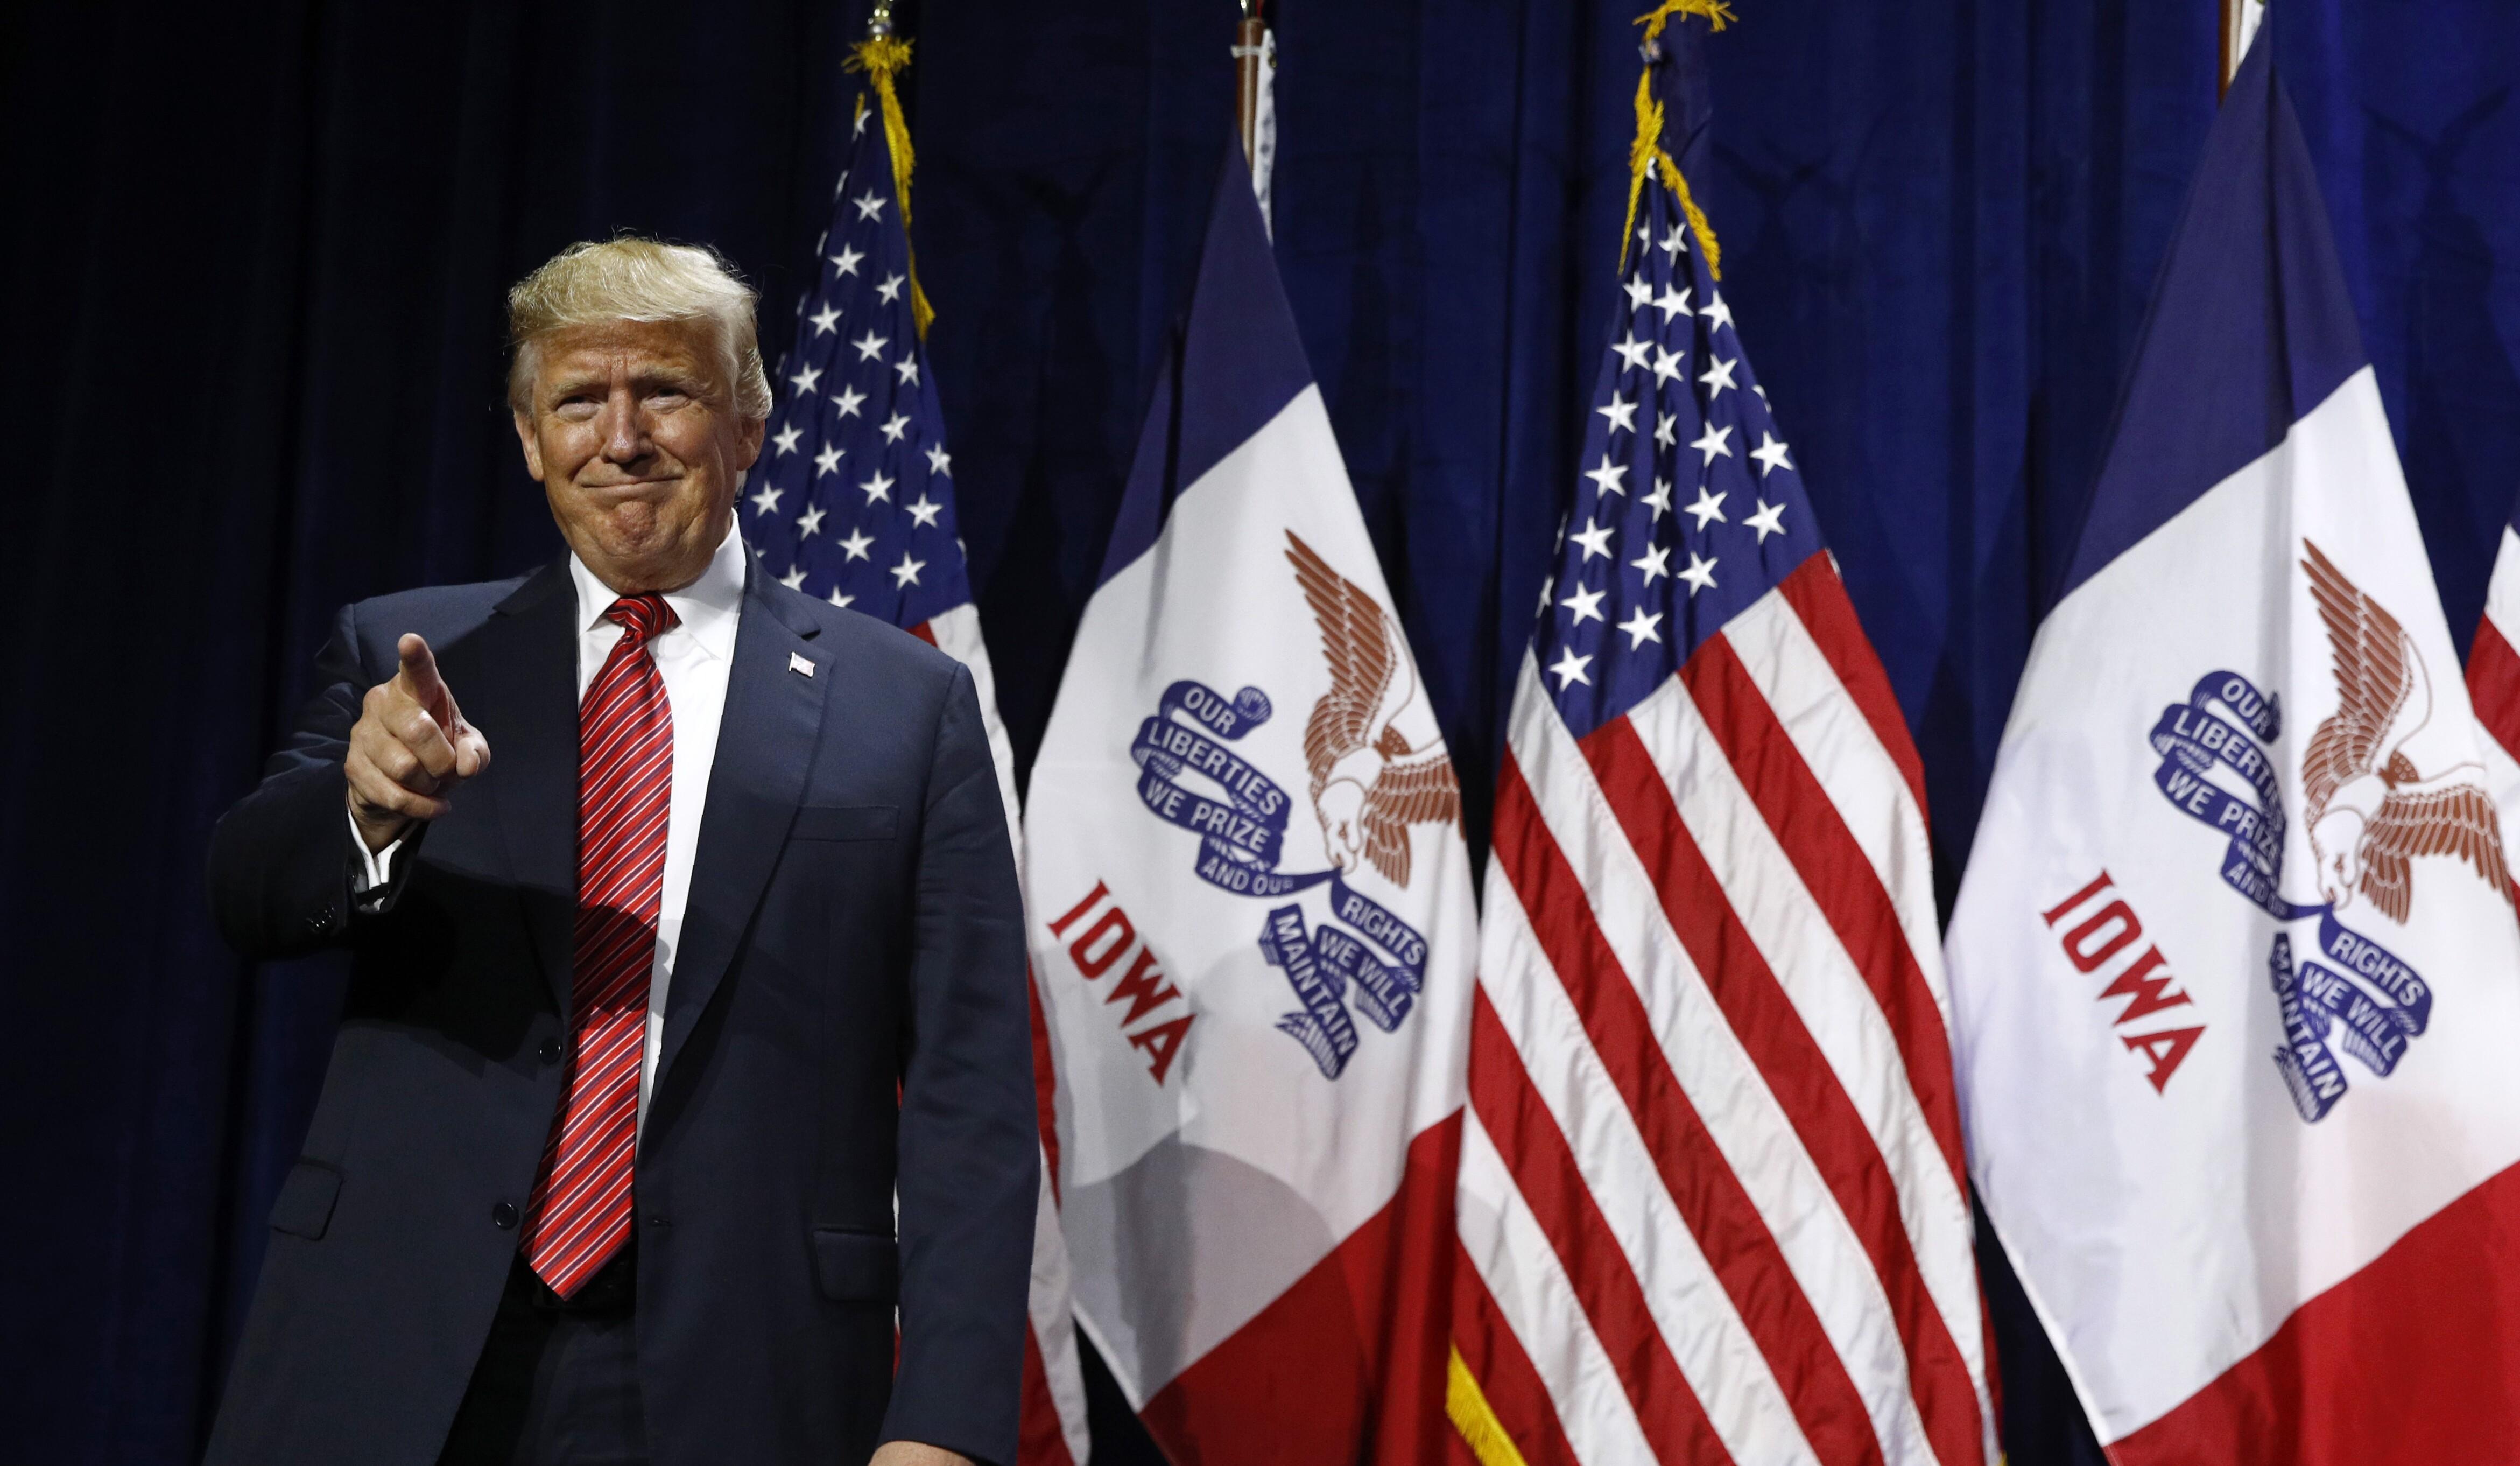 Iowa 2020: Just 7% call impeachment 'important,' Trump beating Warren, Biden